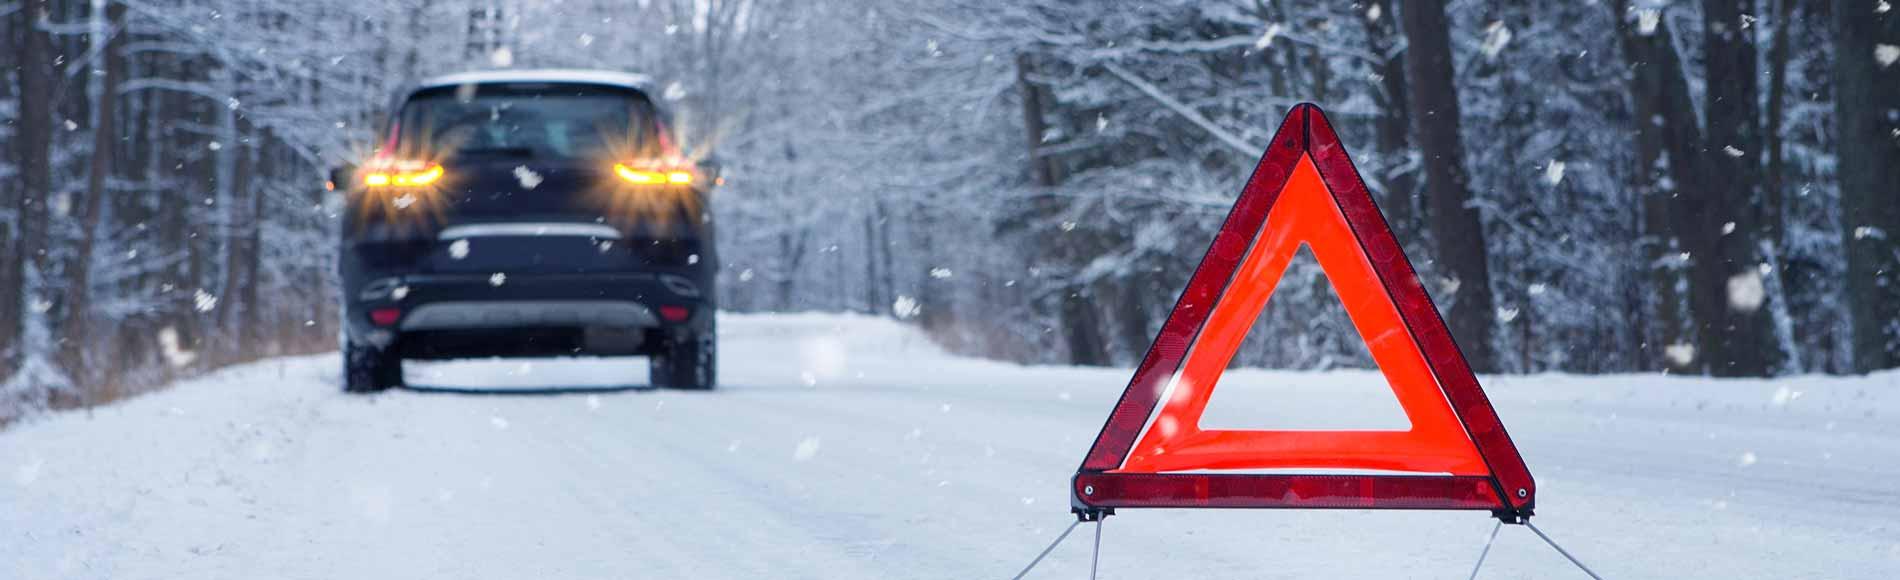 Asistencia en carretera seguro de auto